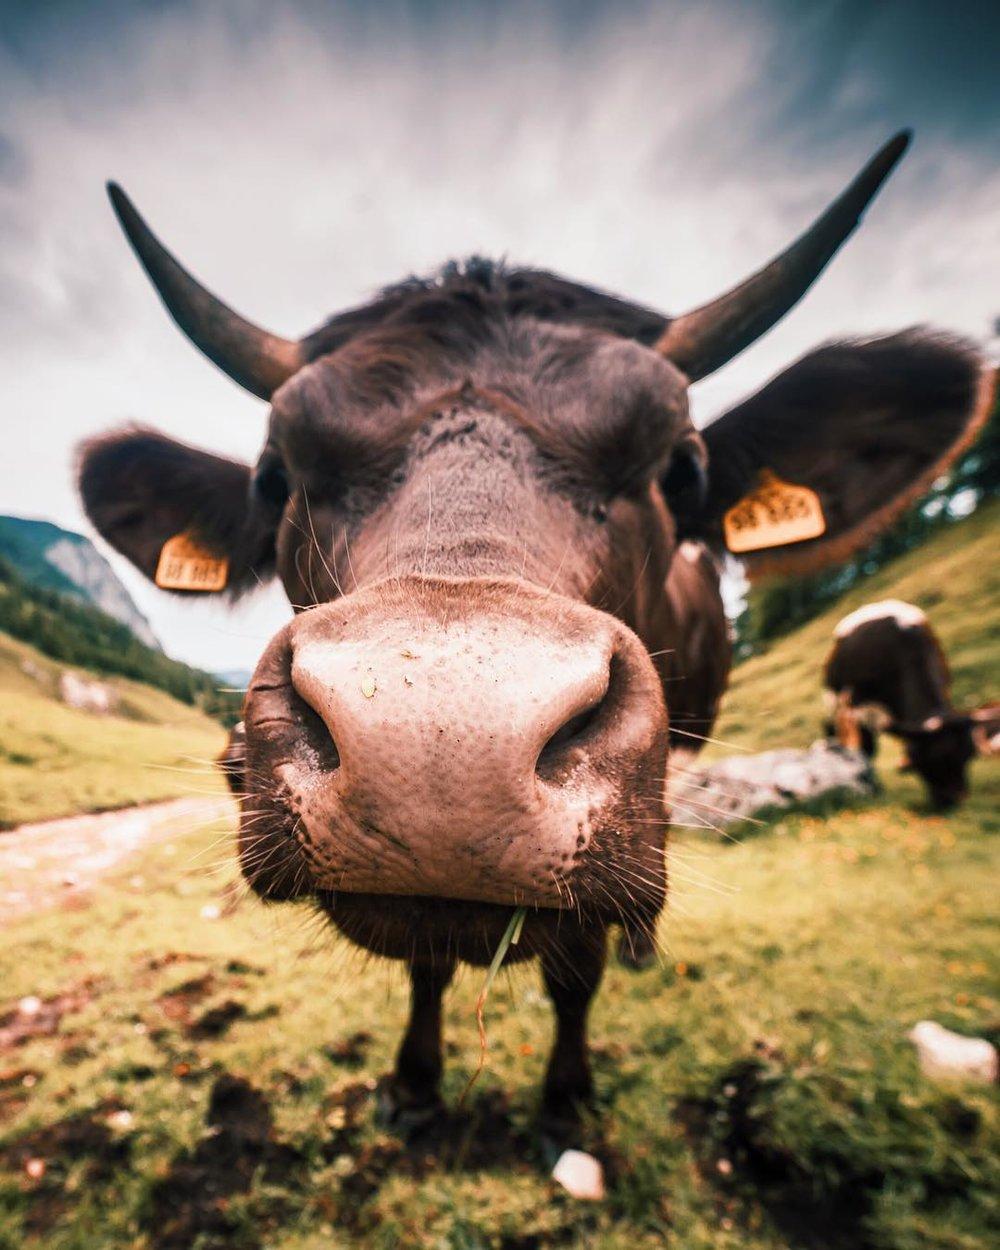 Cow, Berchtesgaden, Germany 2017.